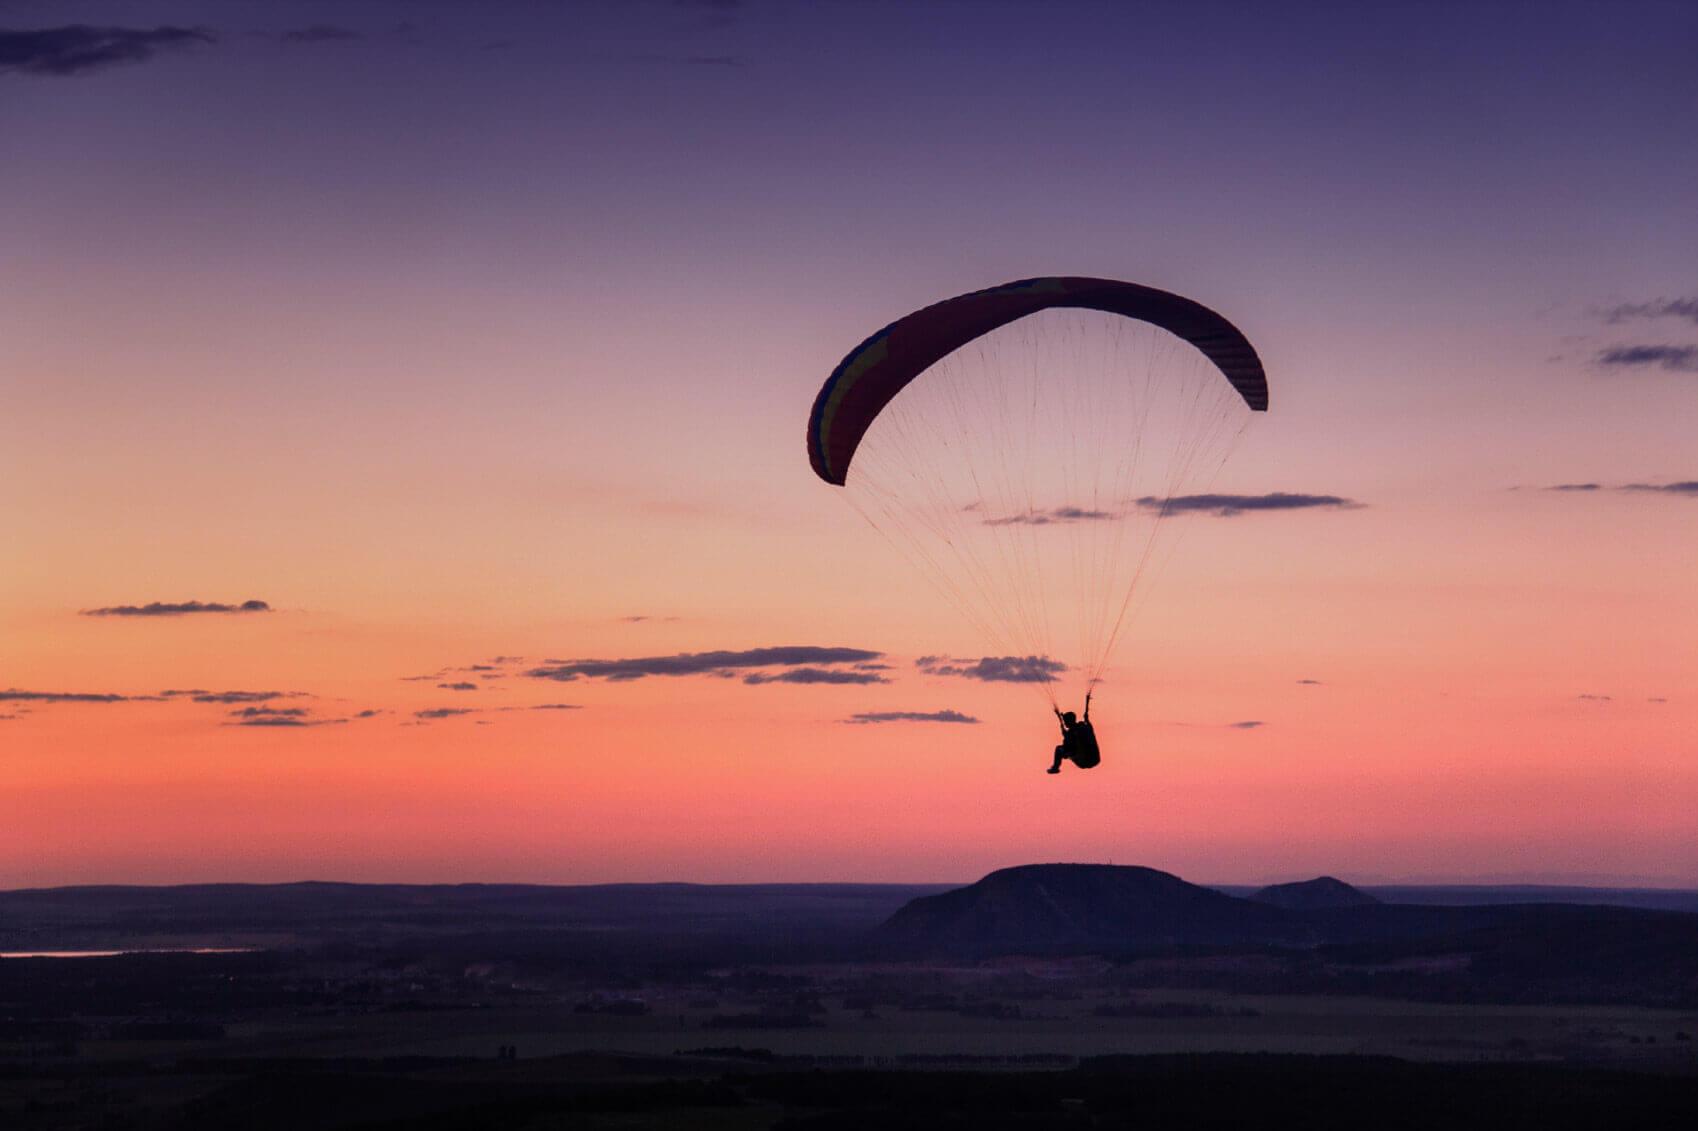 parachute-hero